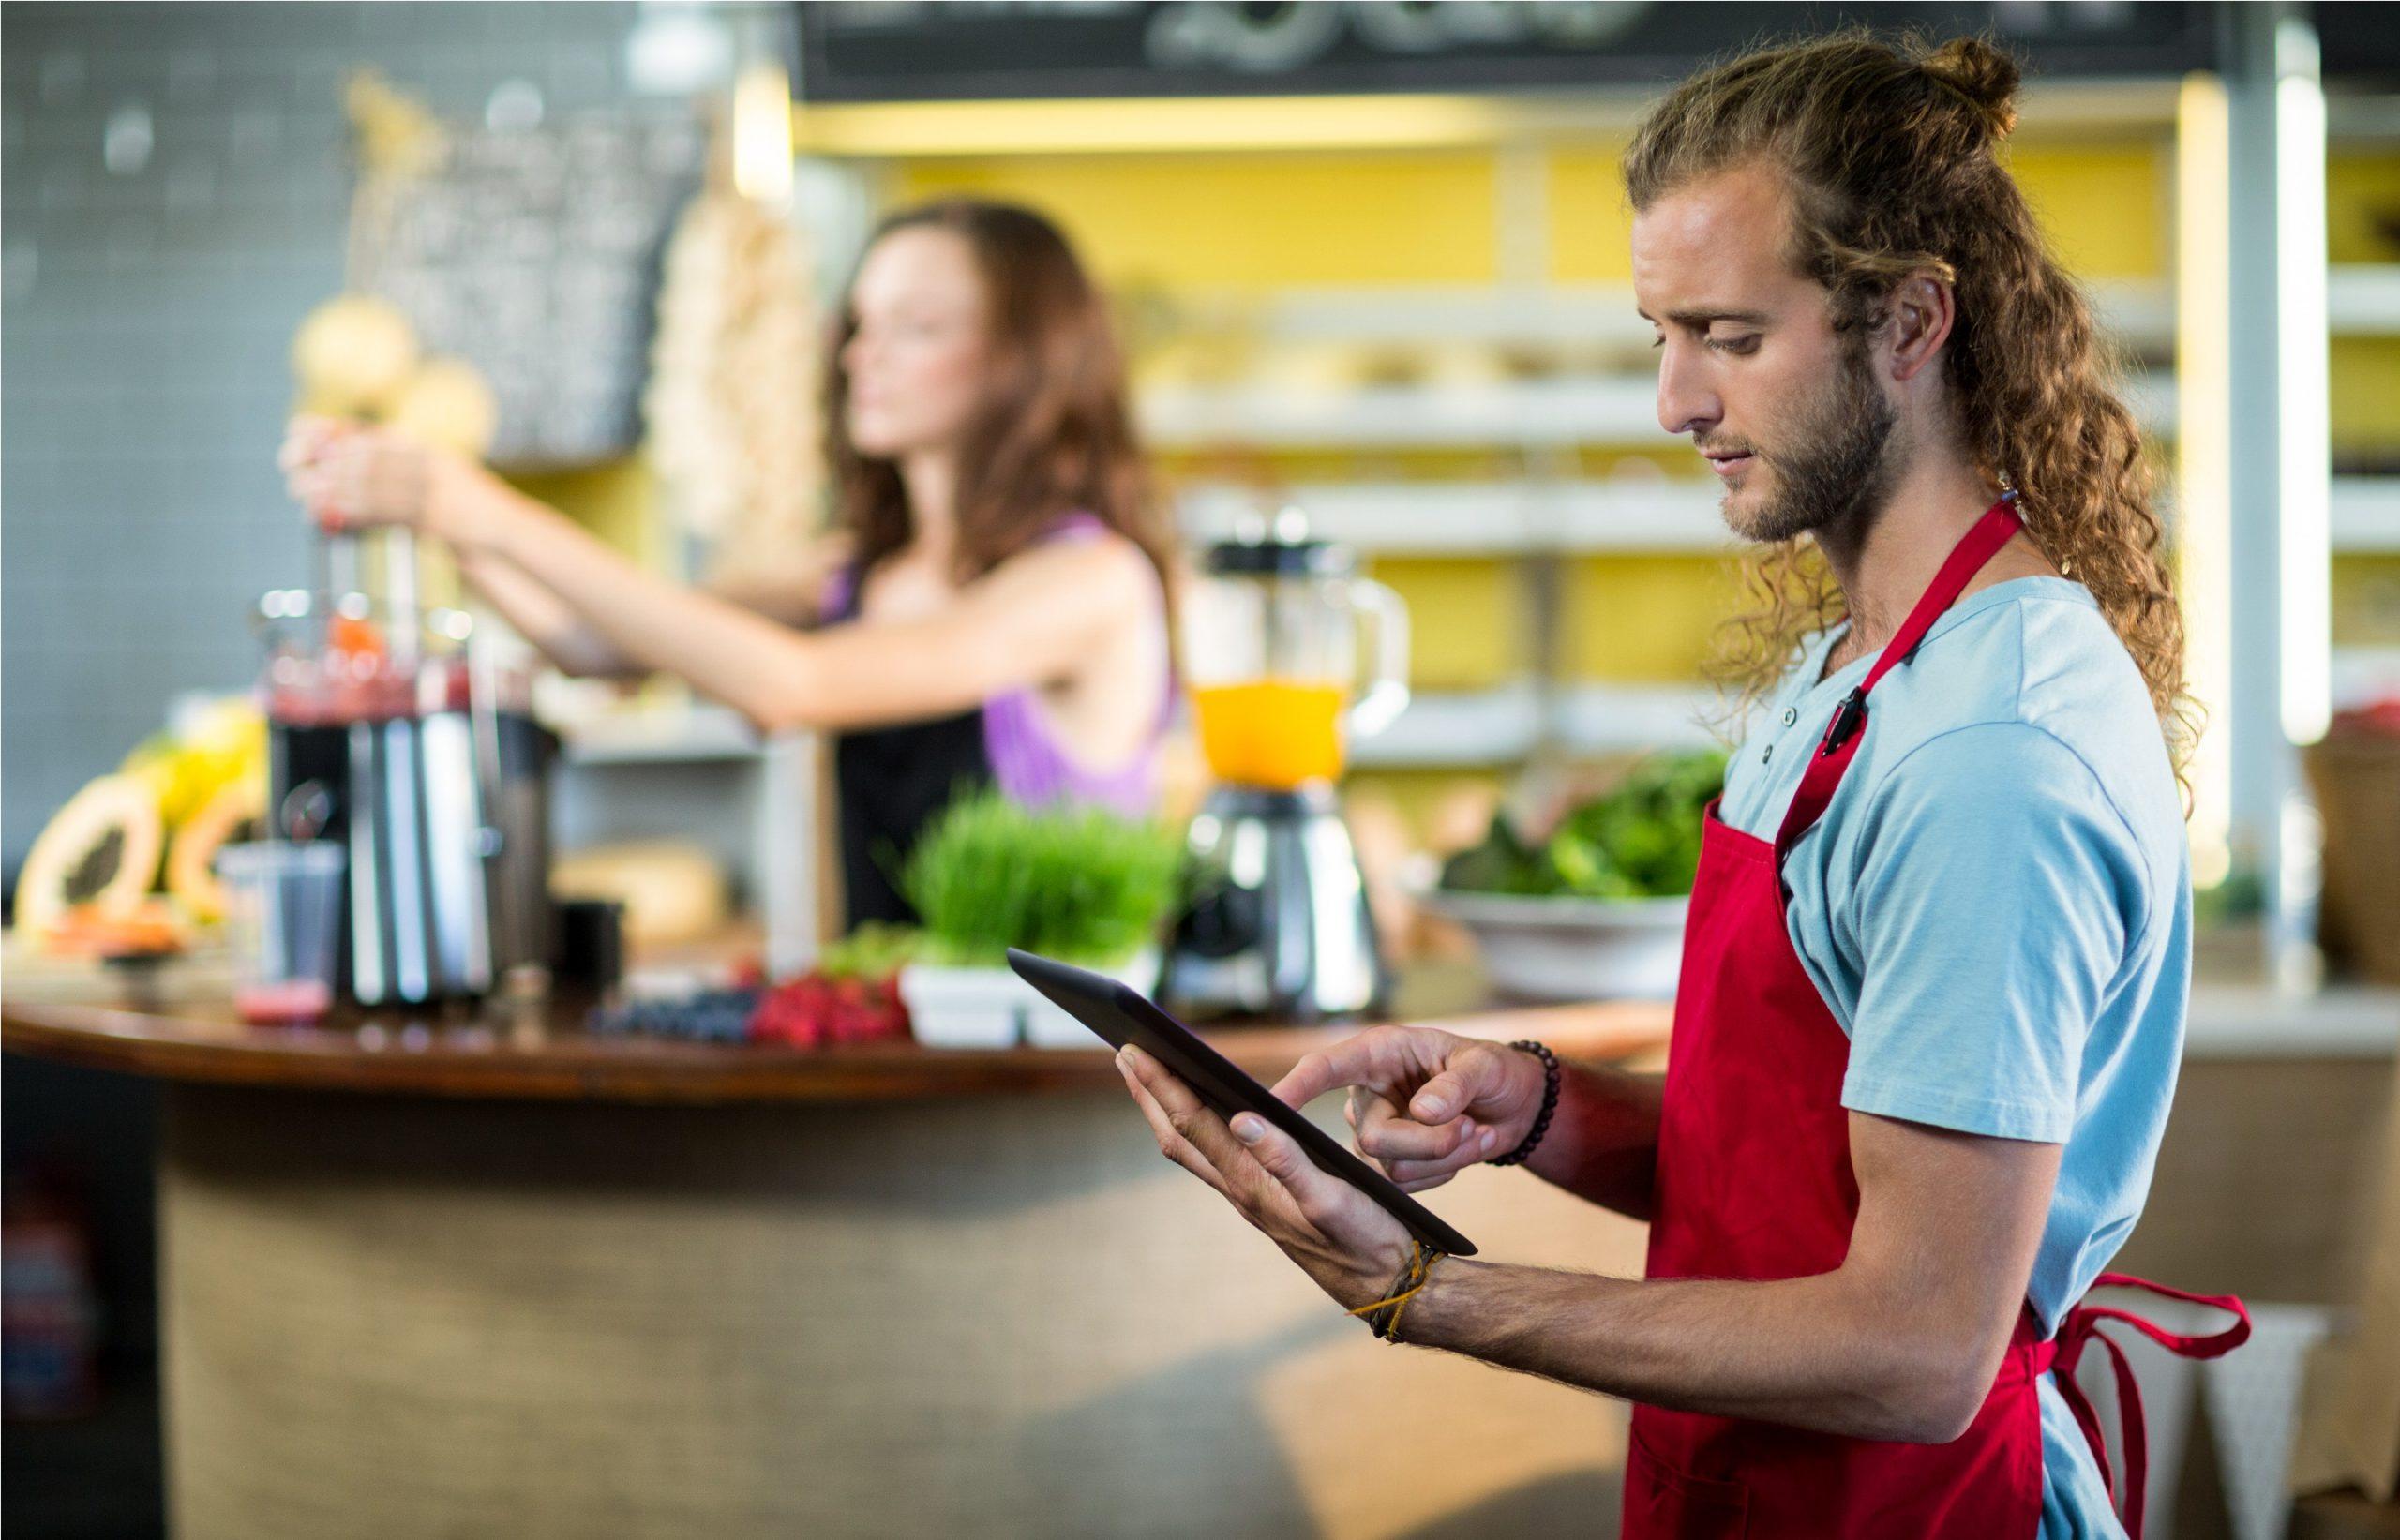 Atendente recebendo pedido em sua loja através de aplicativo também é omnnichannel